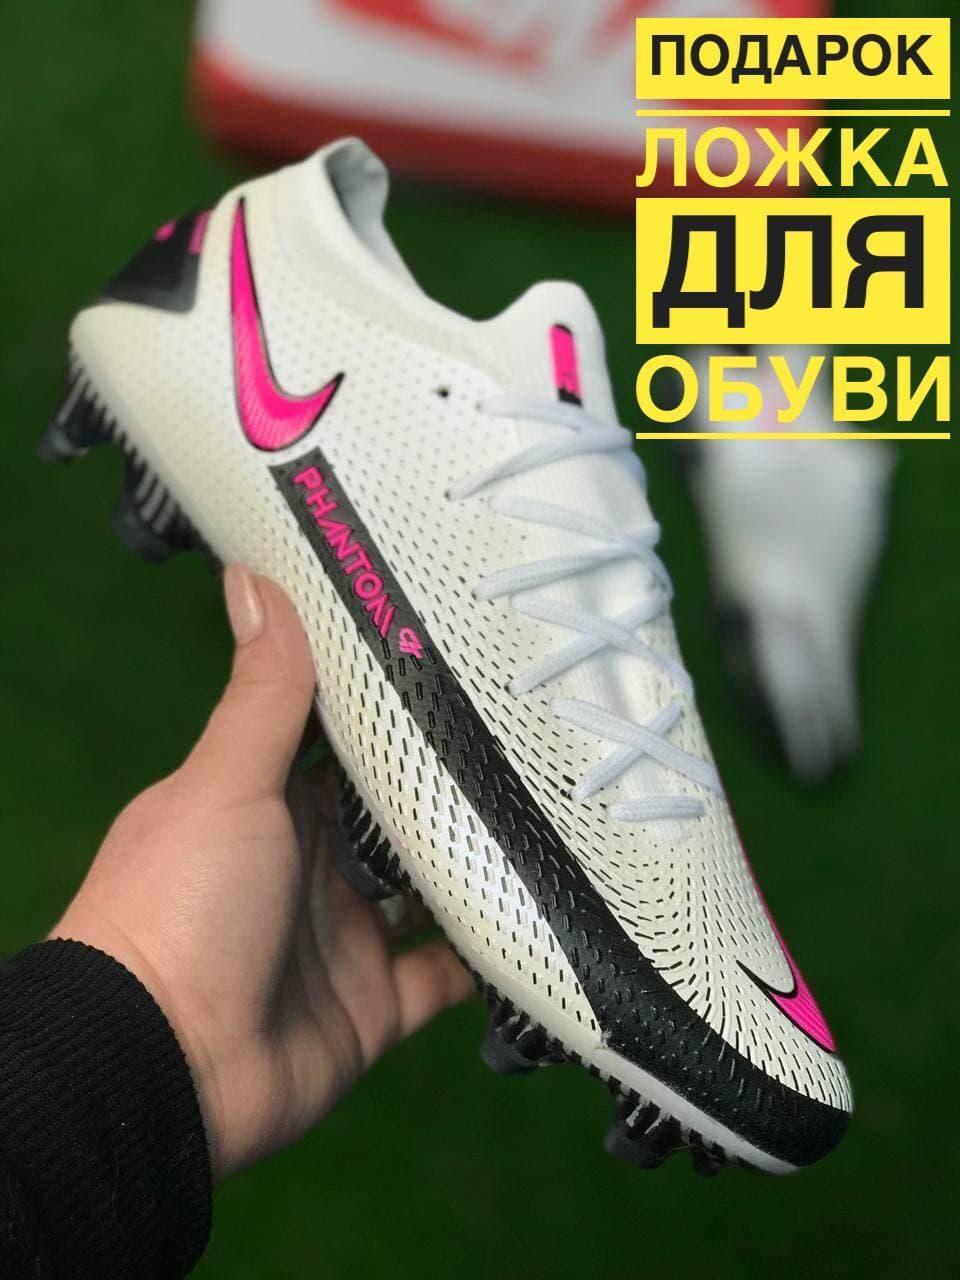 Бутсы Nike Phantom GT футбольная обувь найк фантом